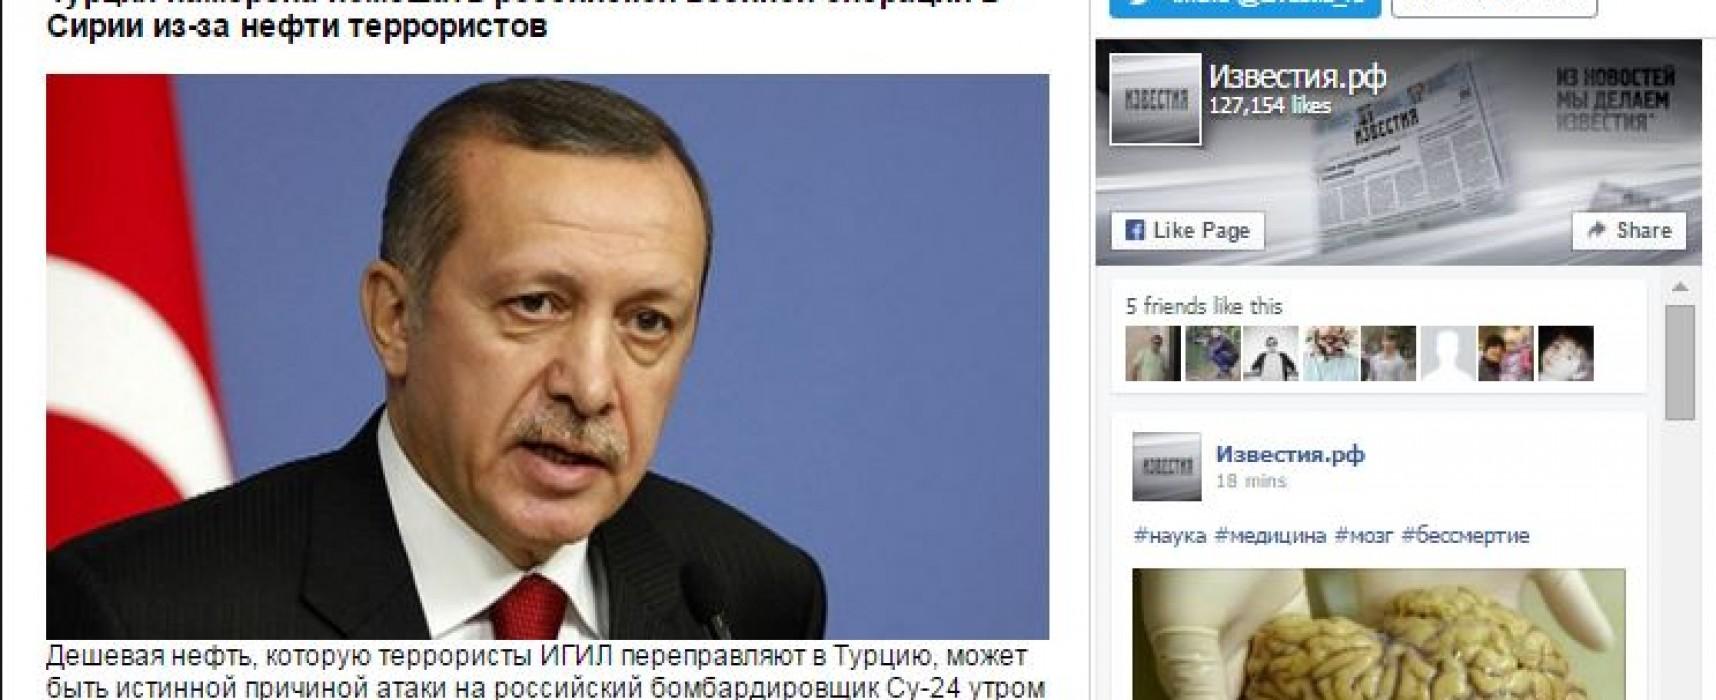 Des médias russes ont présenté des restaurateurs d'Istanbul comme étant des leaders de l'État Islamique